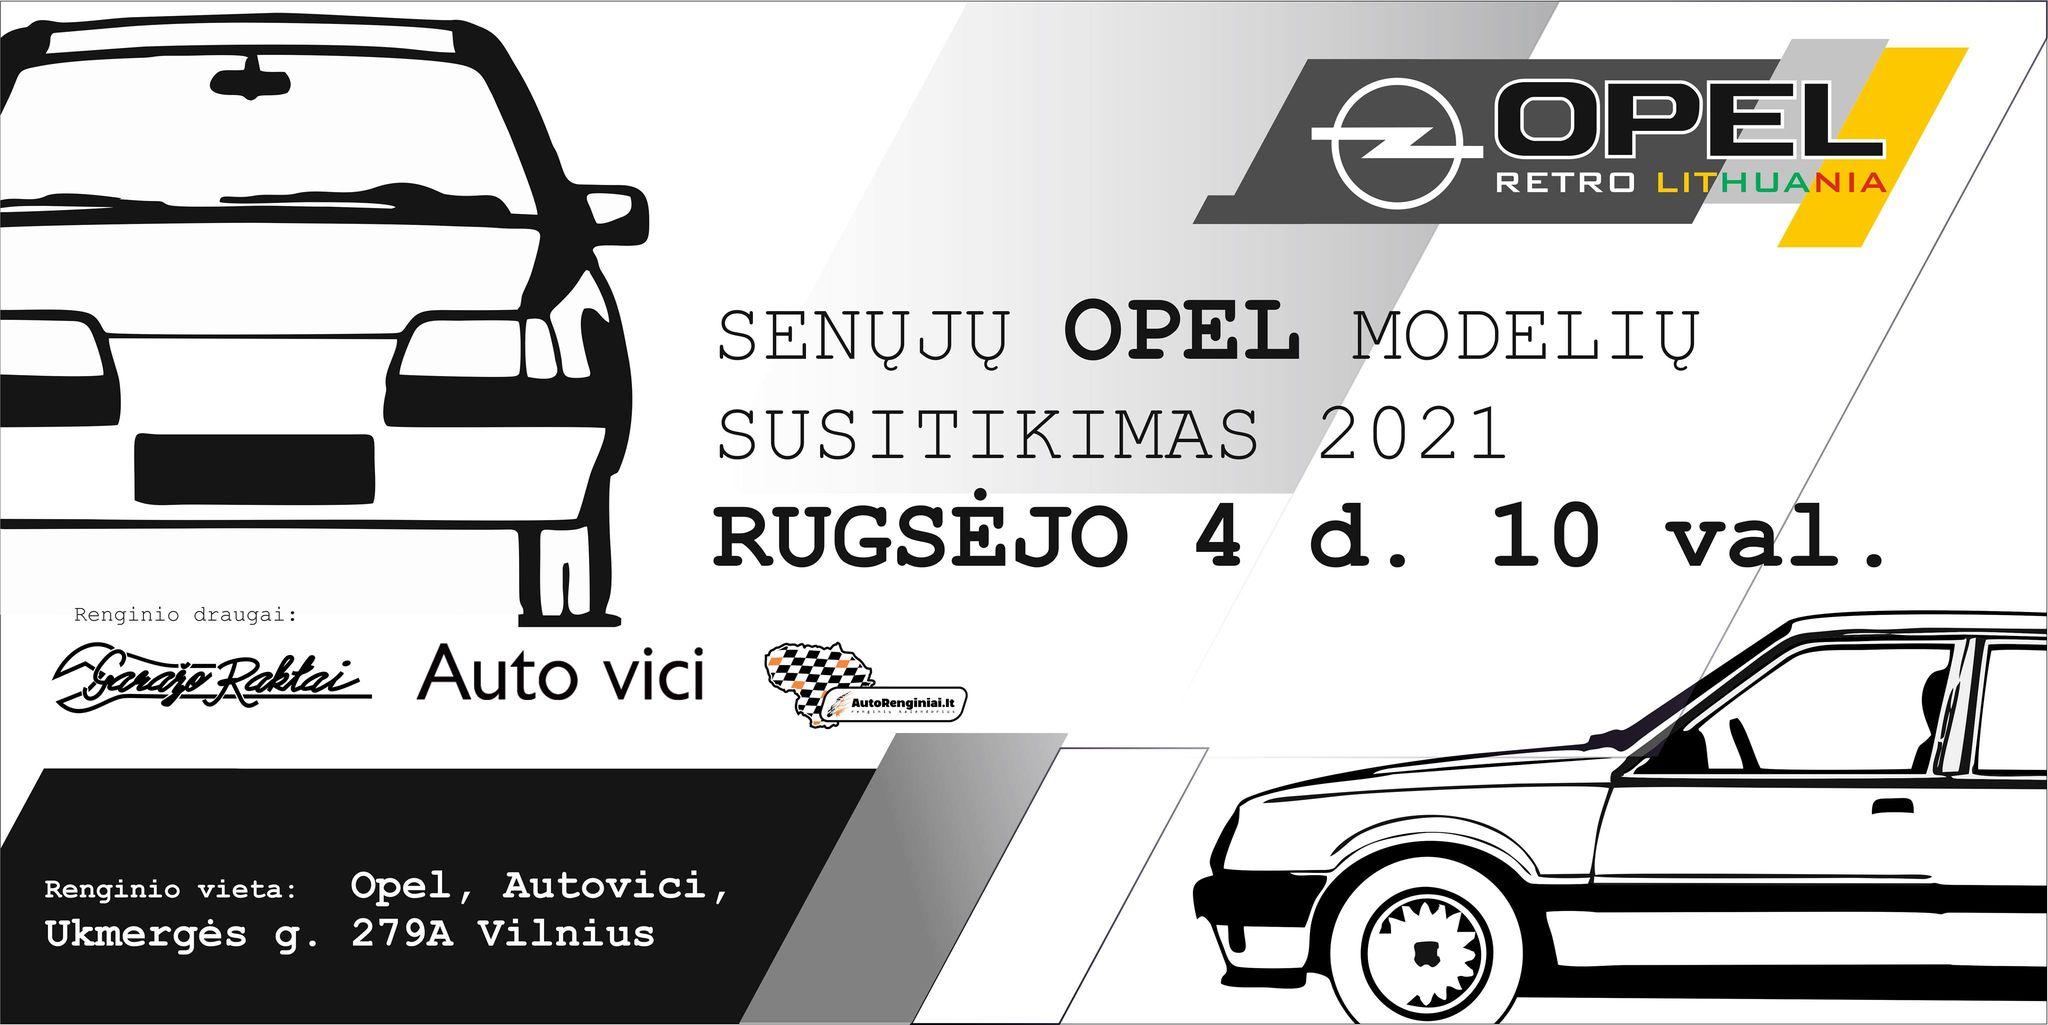 Opel Retro Lithuania 2021 didysis susitikimas!